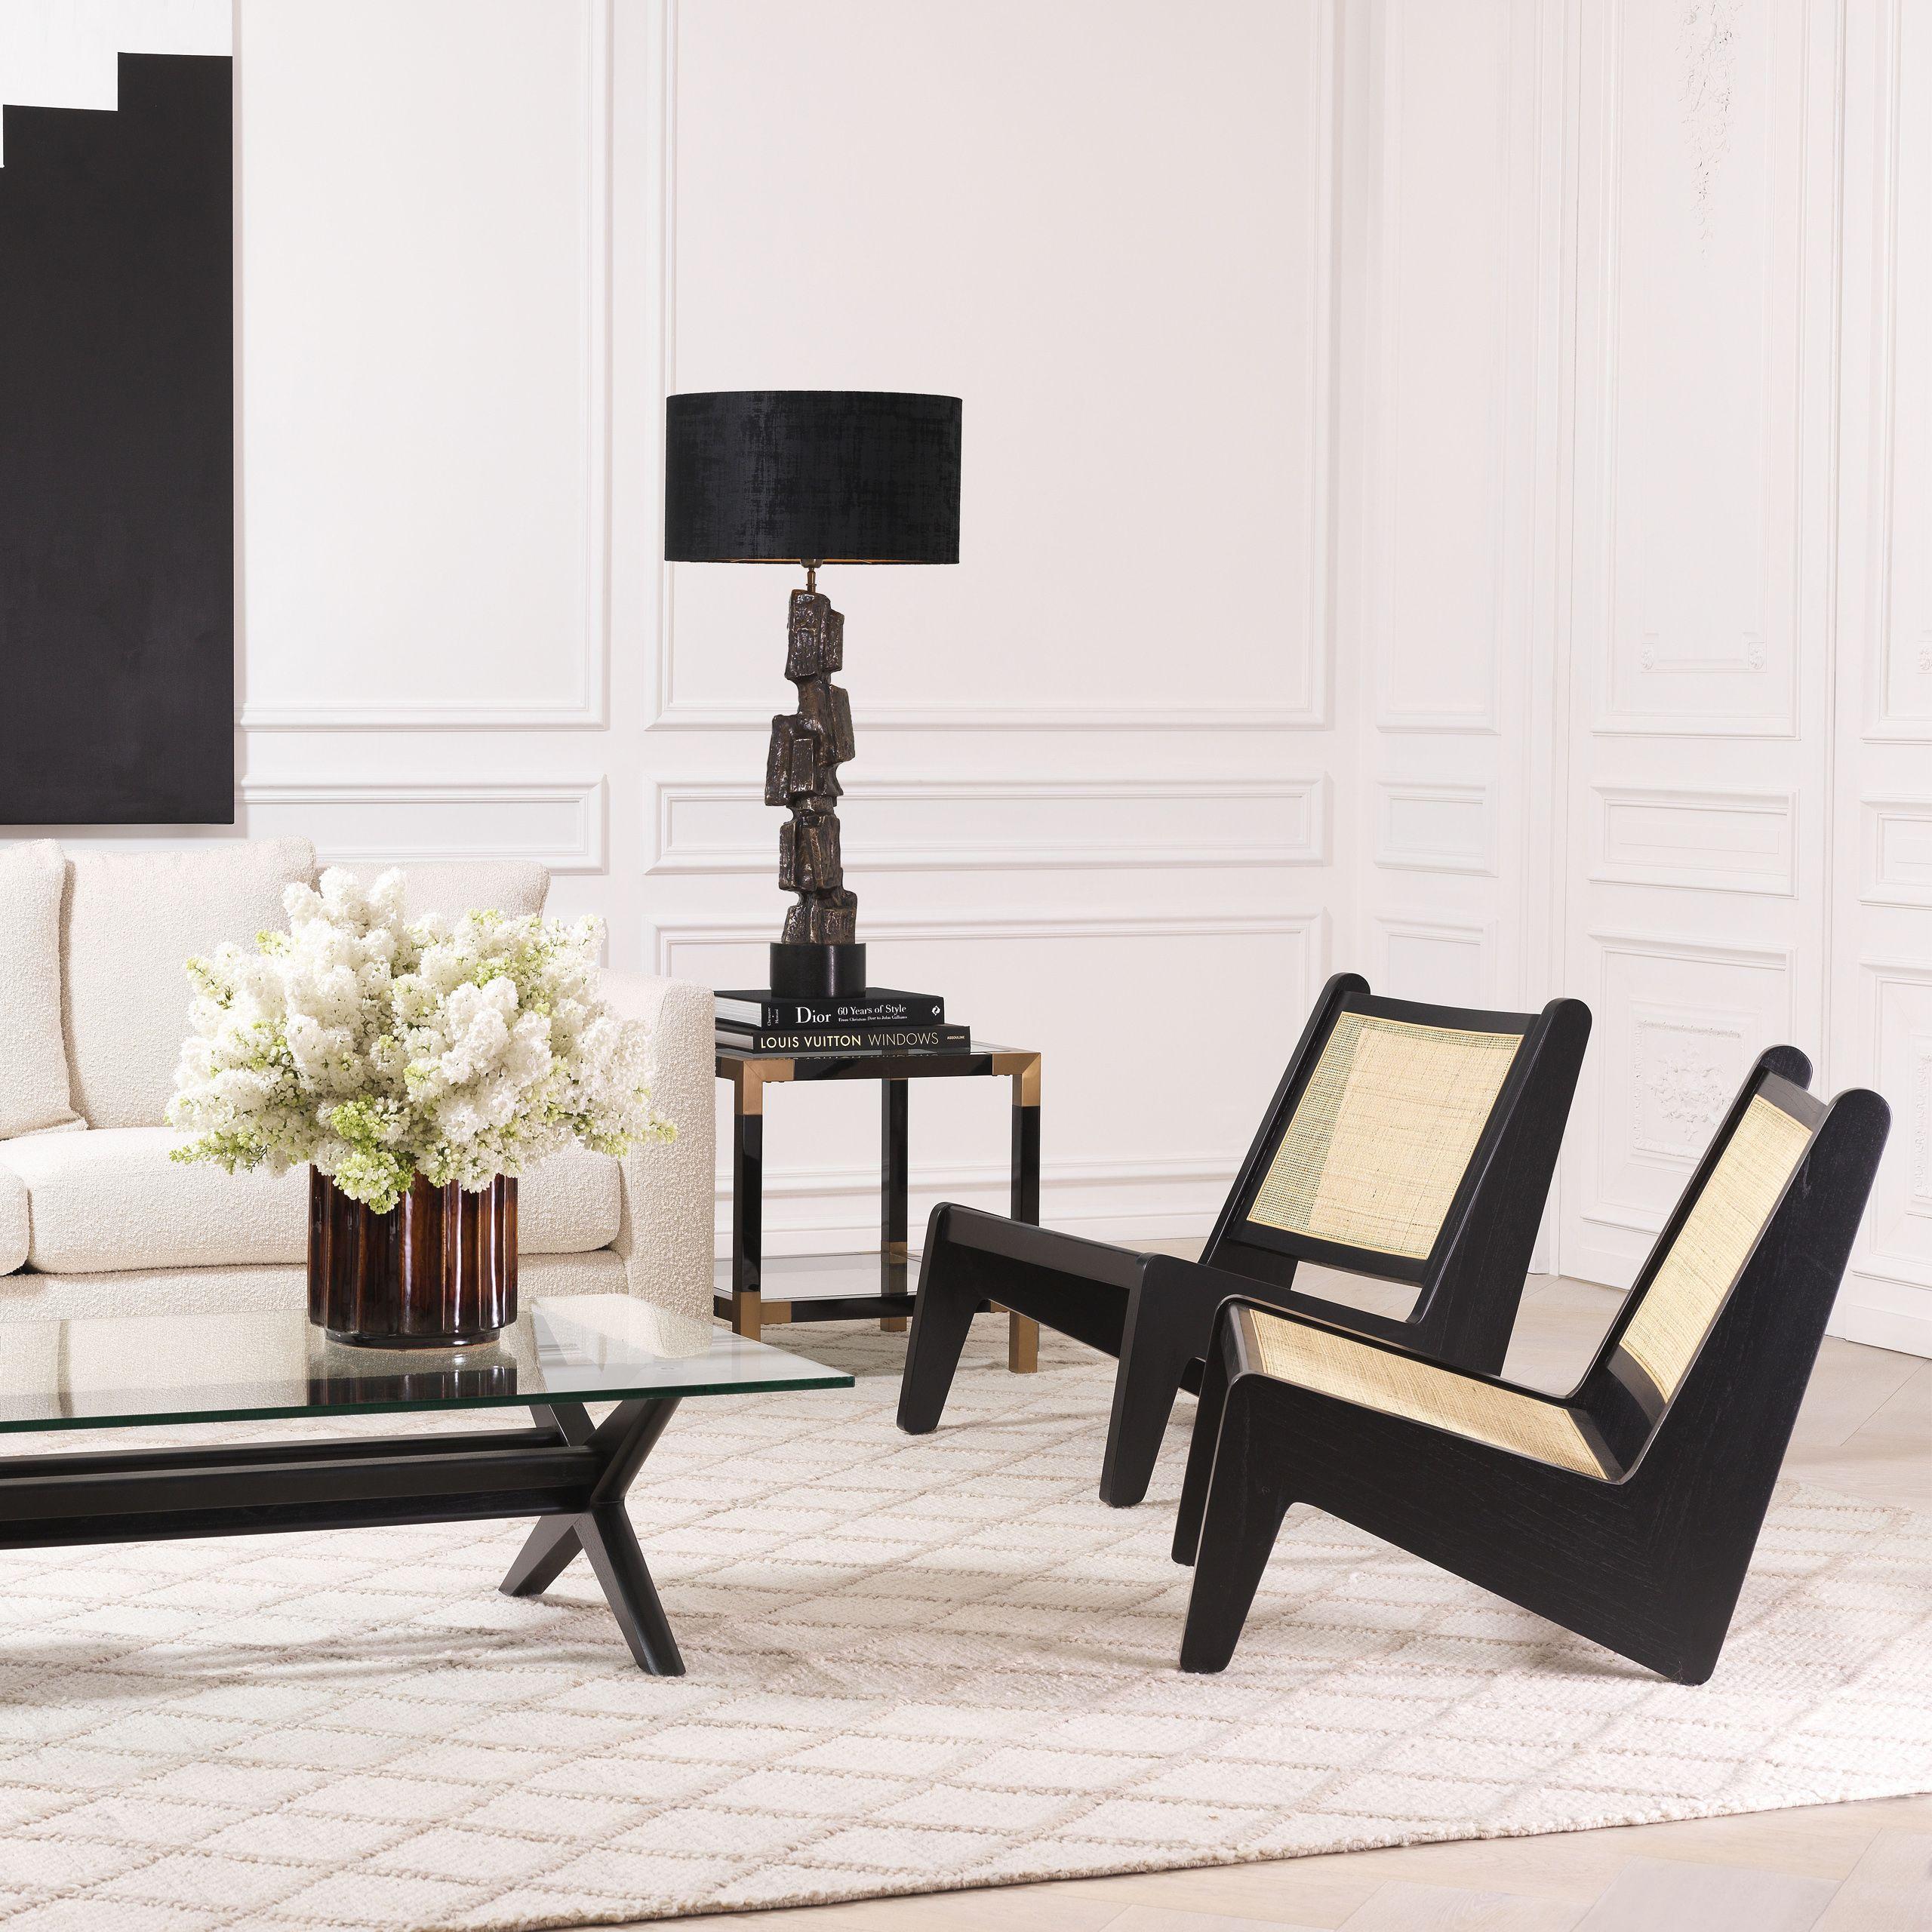 eichholtz-aubin-chair-black